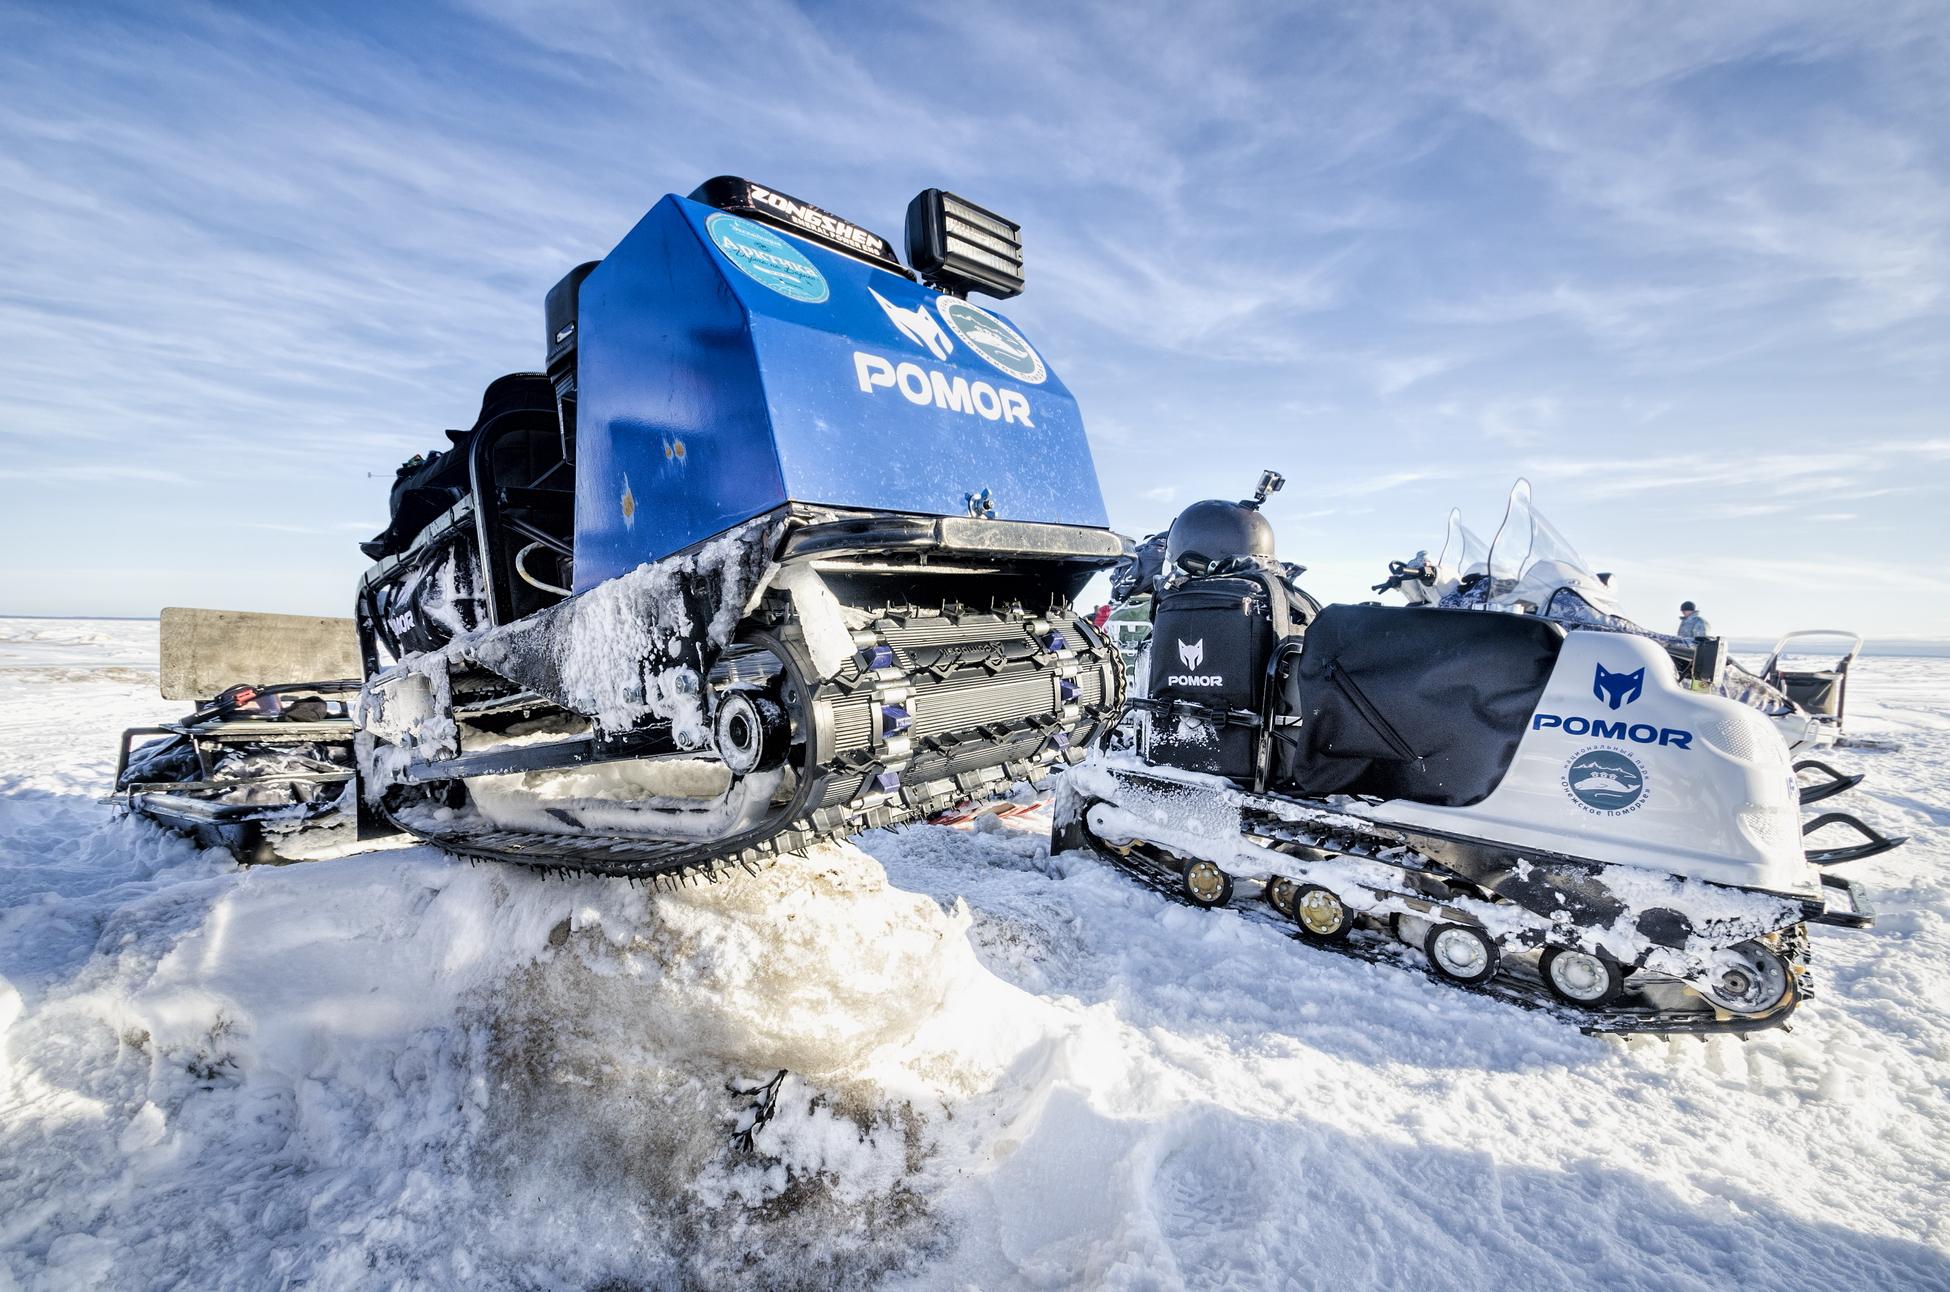 Создание техники для Арктики должны взять на себя государство и бизнес